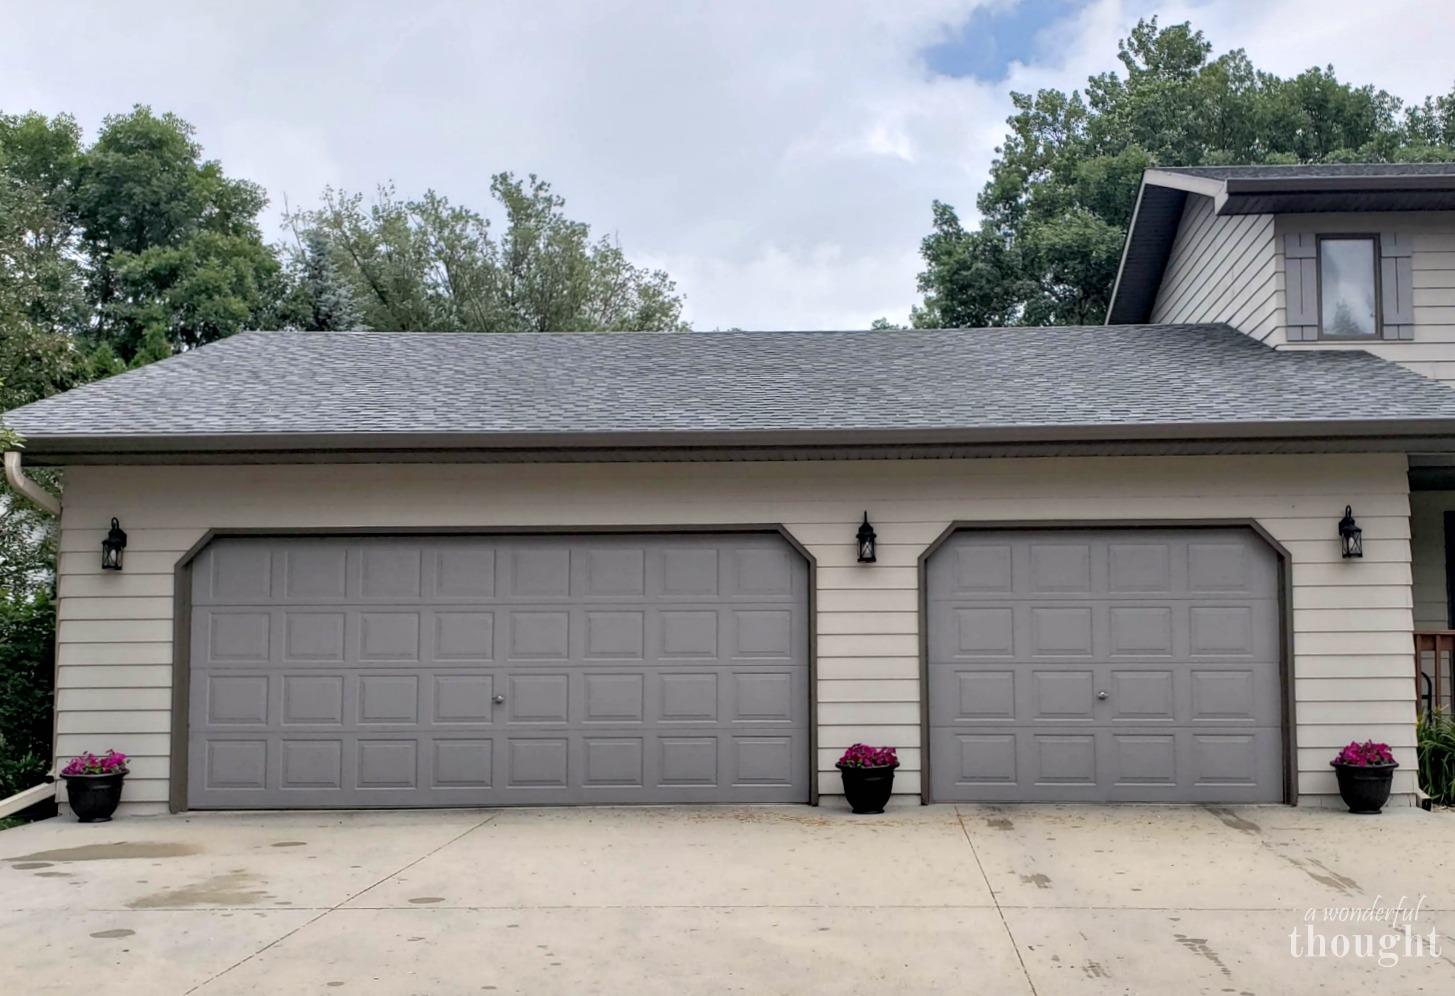 Tips For Painting Garage Doors #garagedoormakeover #garagedoor  #paintinggaragedoors #garagedoorrefresh #garagedoorupdate #